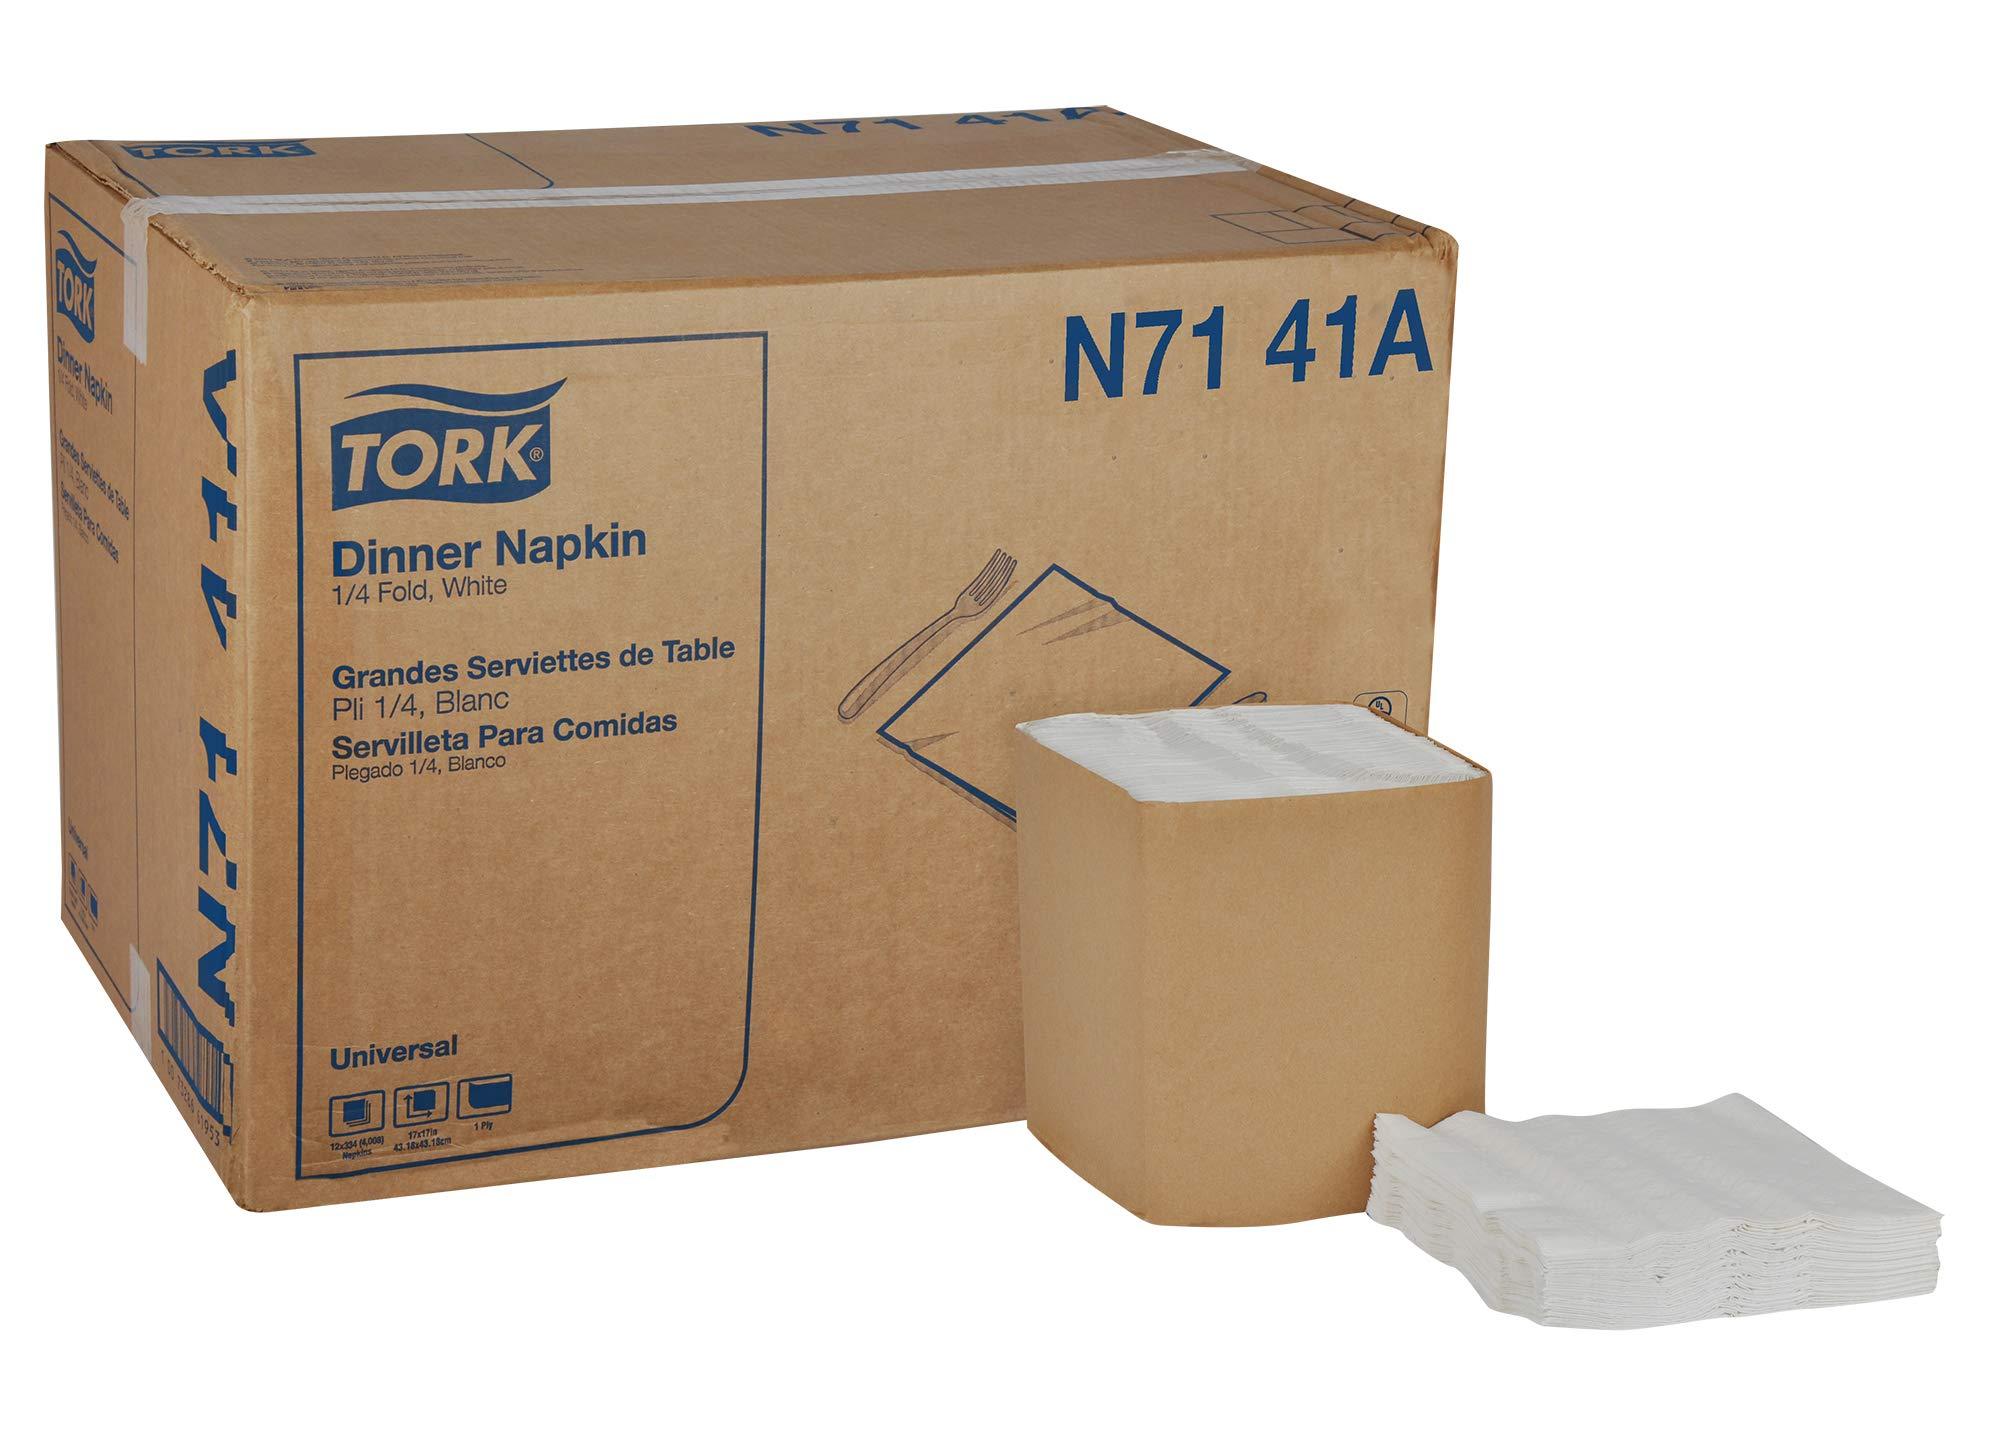 Tork Universal N7141A Dinner Napkin, 1-Ply, 1/4 Fold, 17'' Width x 17'' Length, White (Case of 12 Packs, 334 per Pack, 4,008 Napkins)